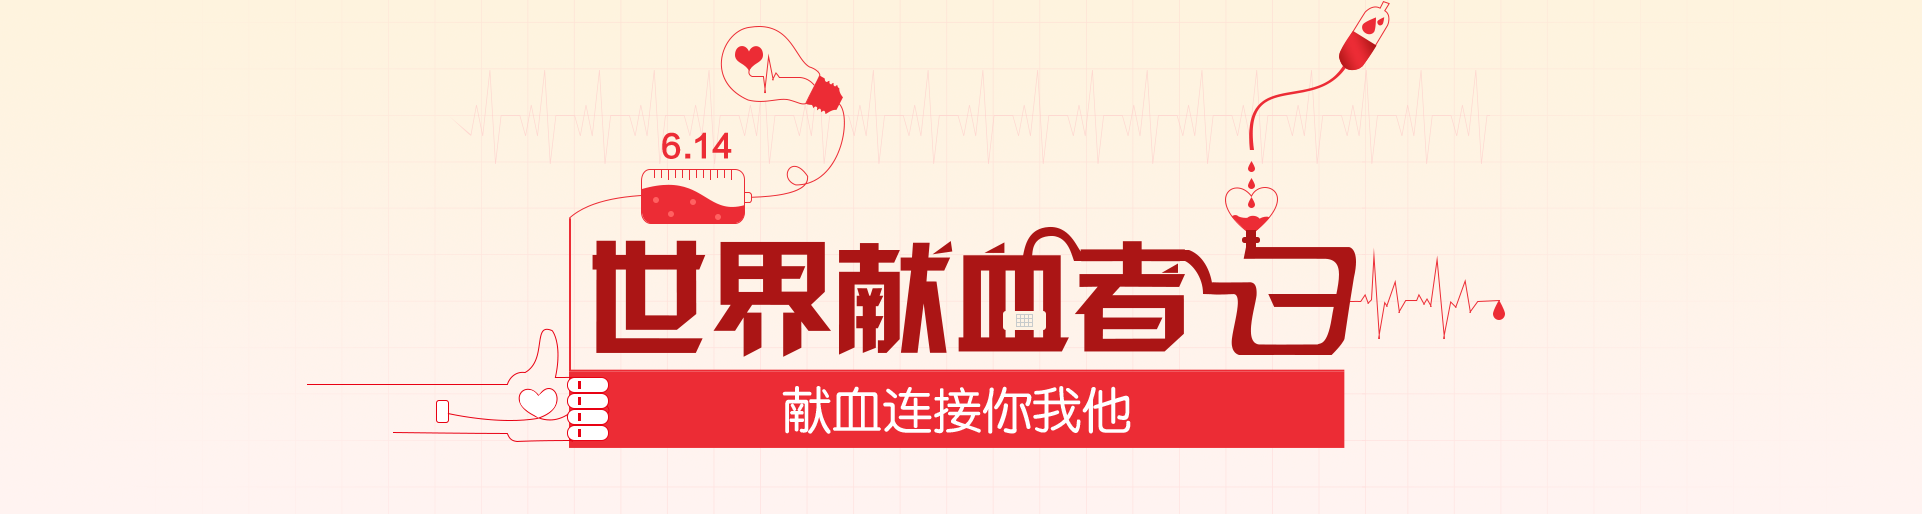 献血的好坏 献血注意事项 无偿献血